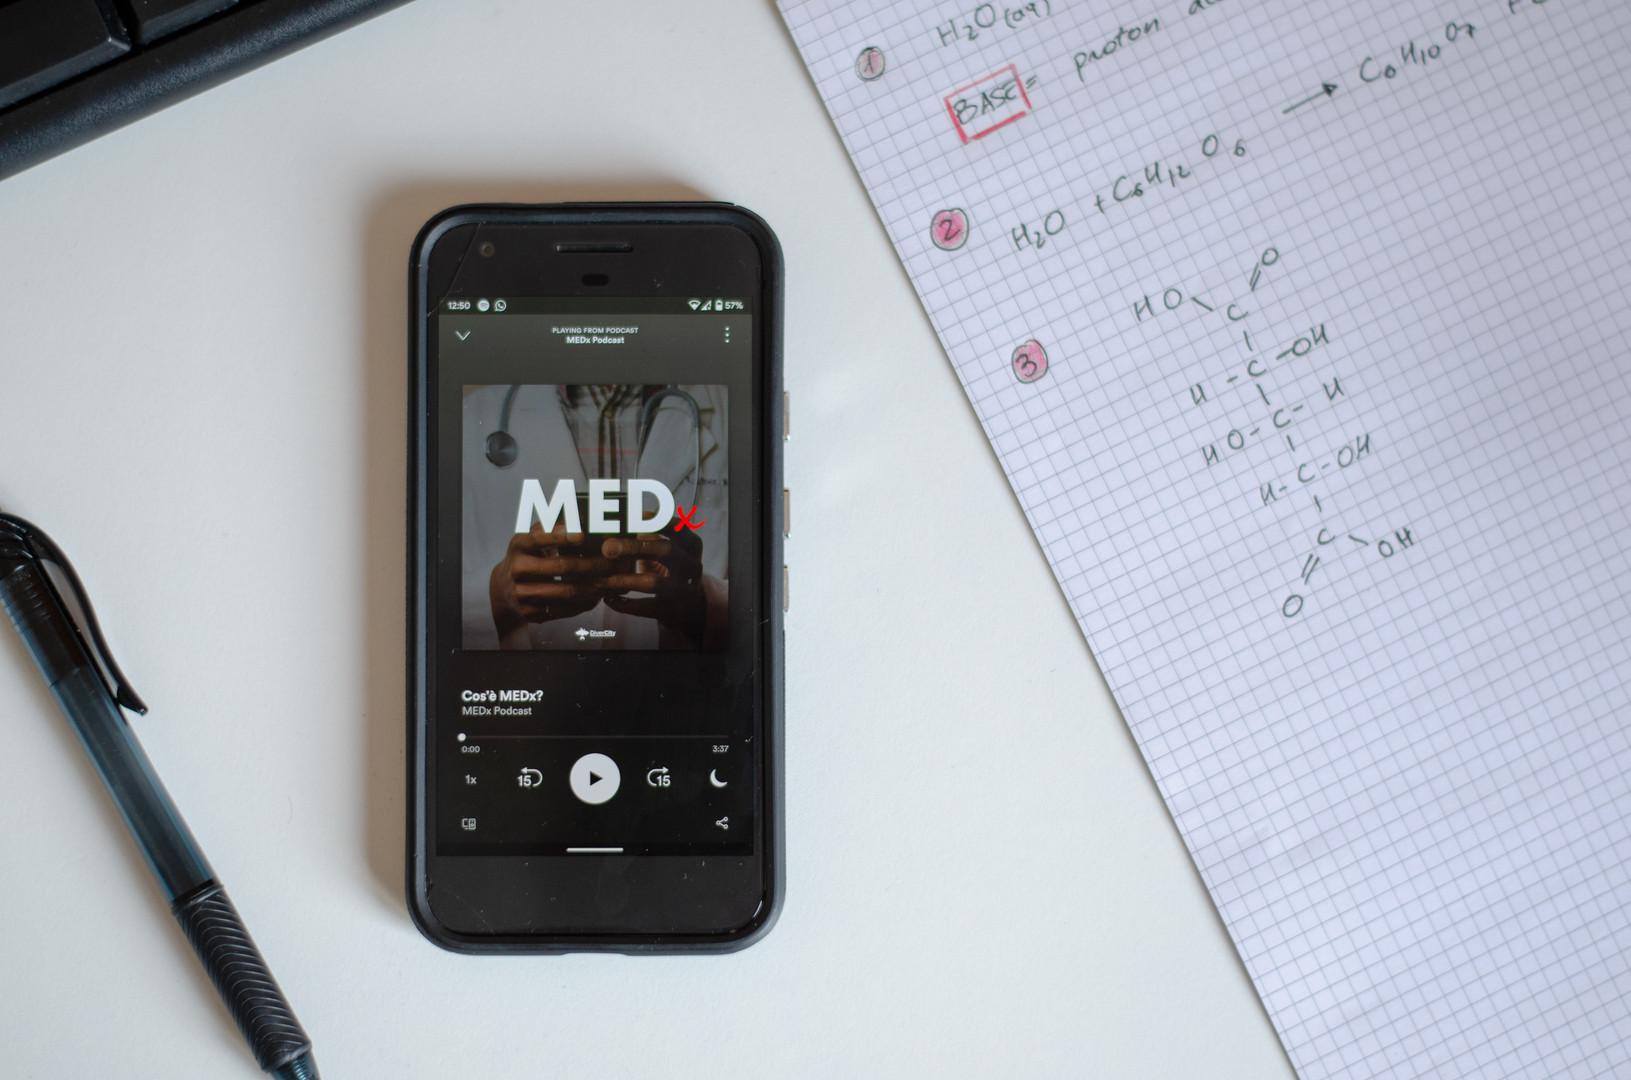 MEDx Podacst-24.jpg